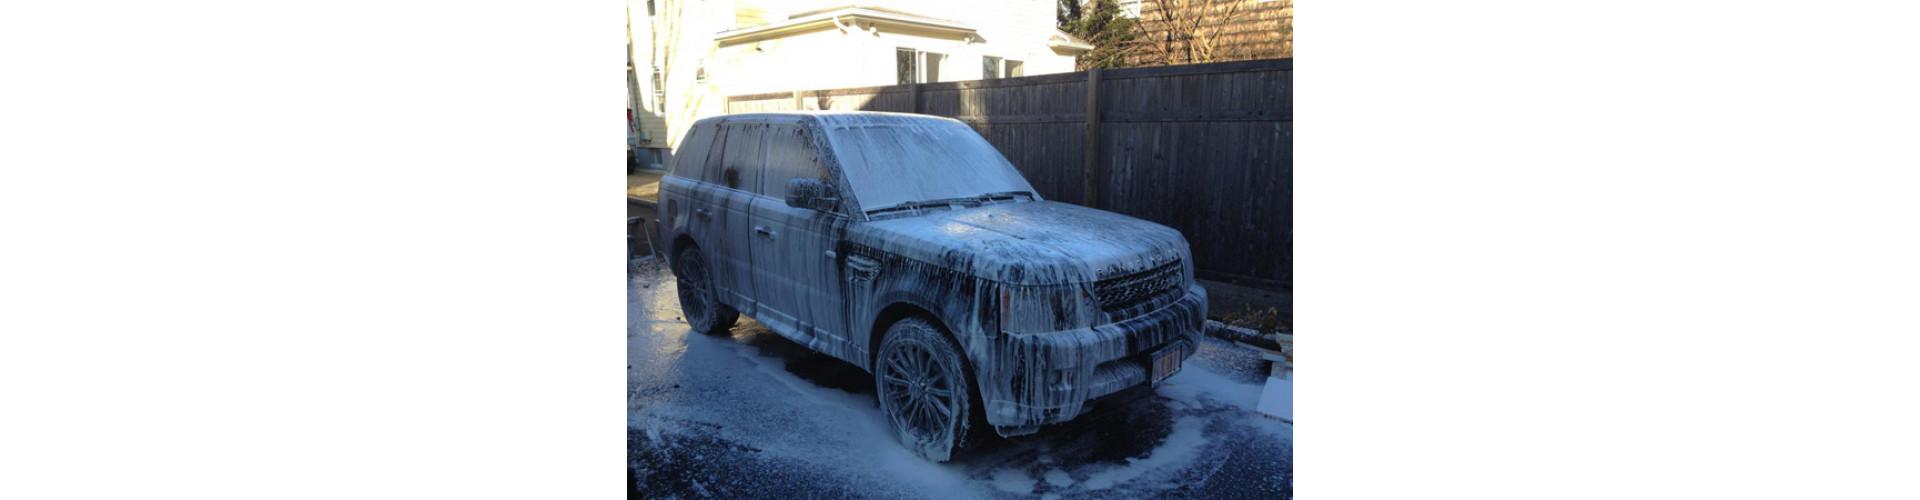 Мойка Range Rover Sport при помощи итальянской пенной насадки